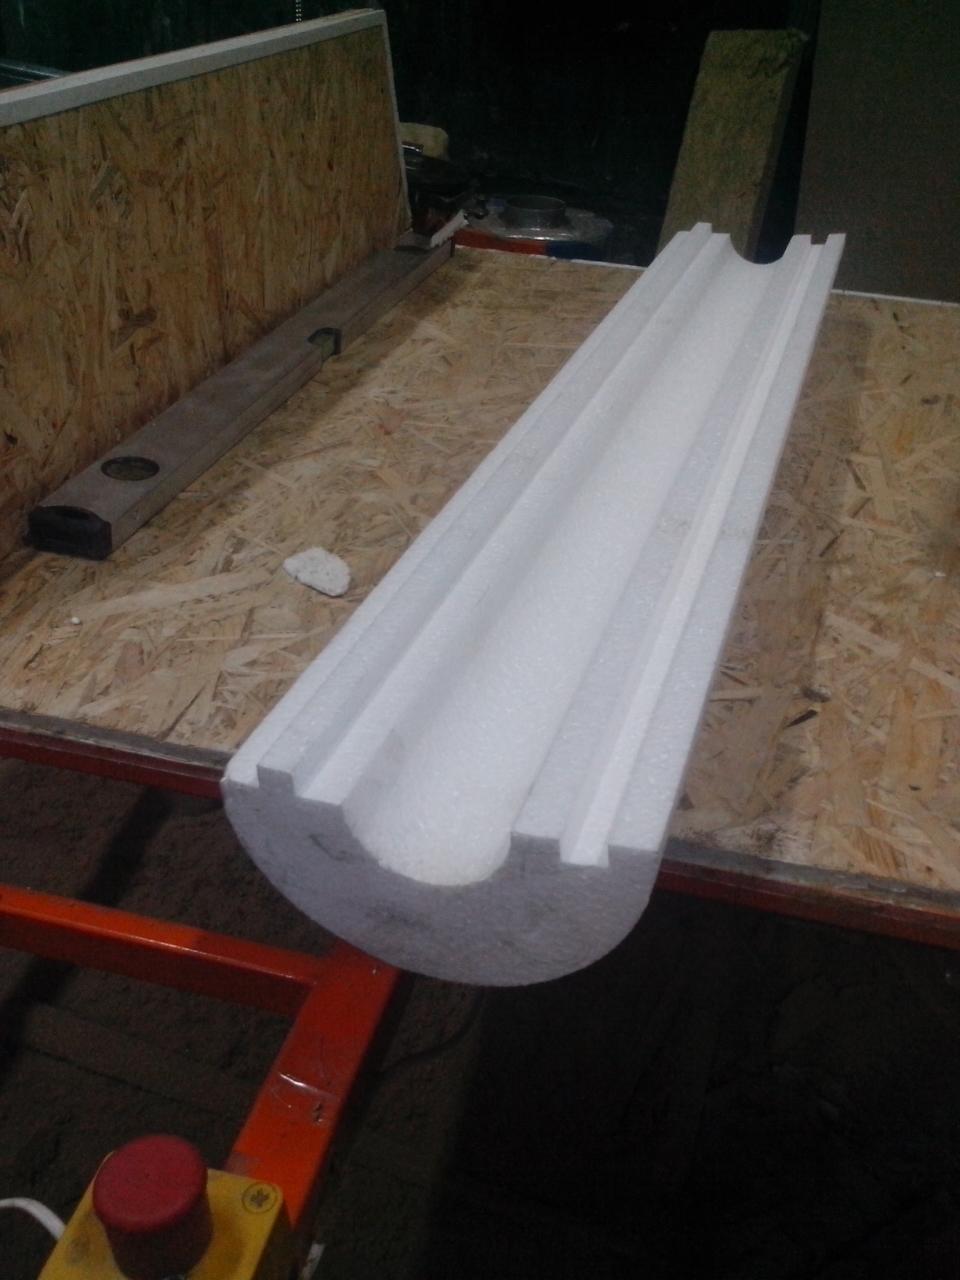 Утеплитель из пенопласта (пенополистирола) для труб Ø 32 мм толщиной 50 мм